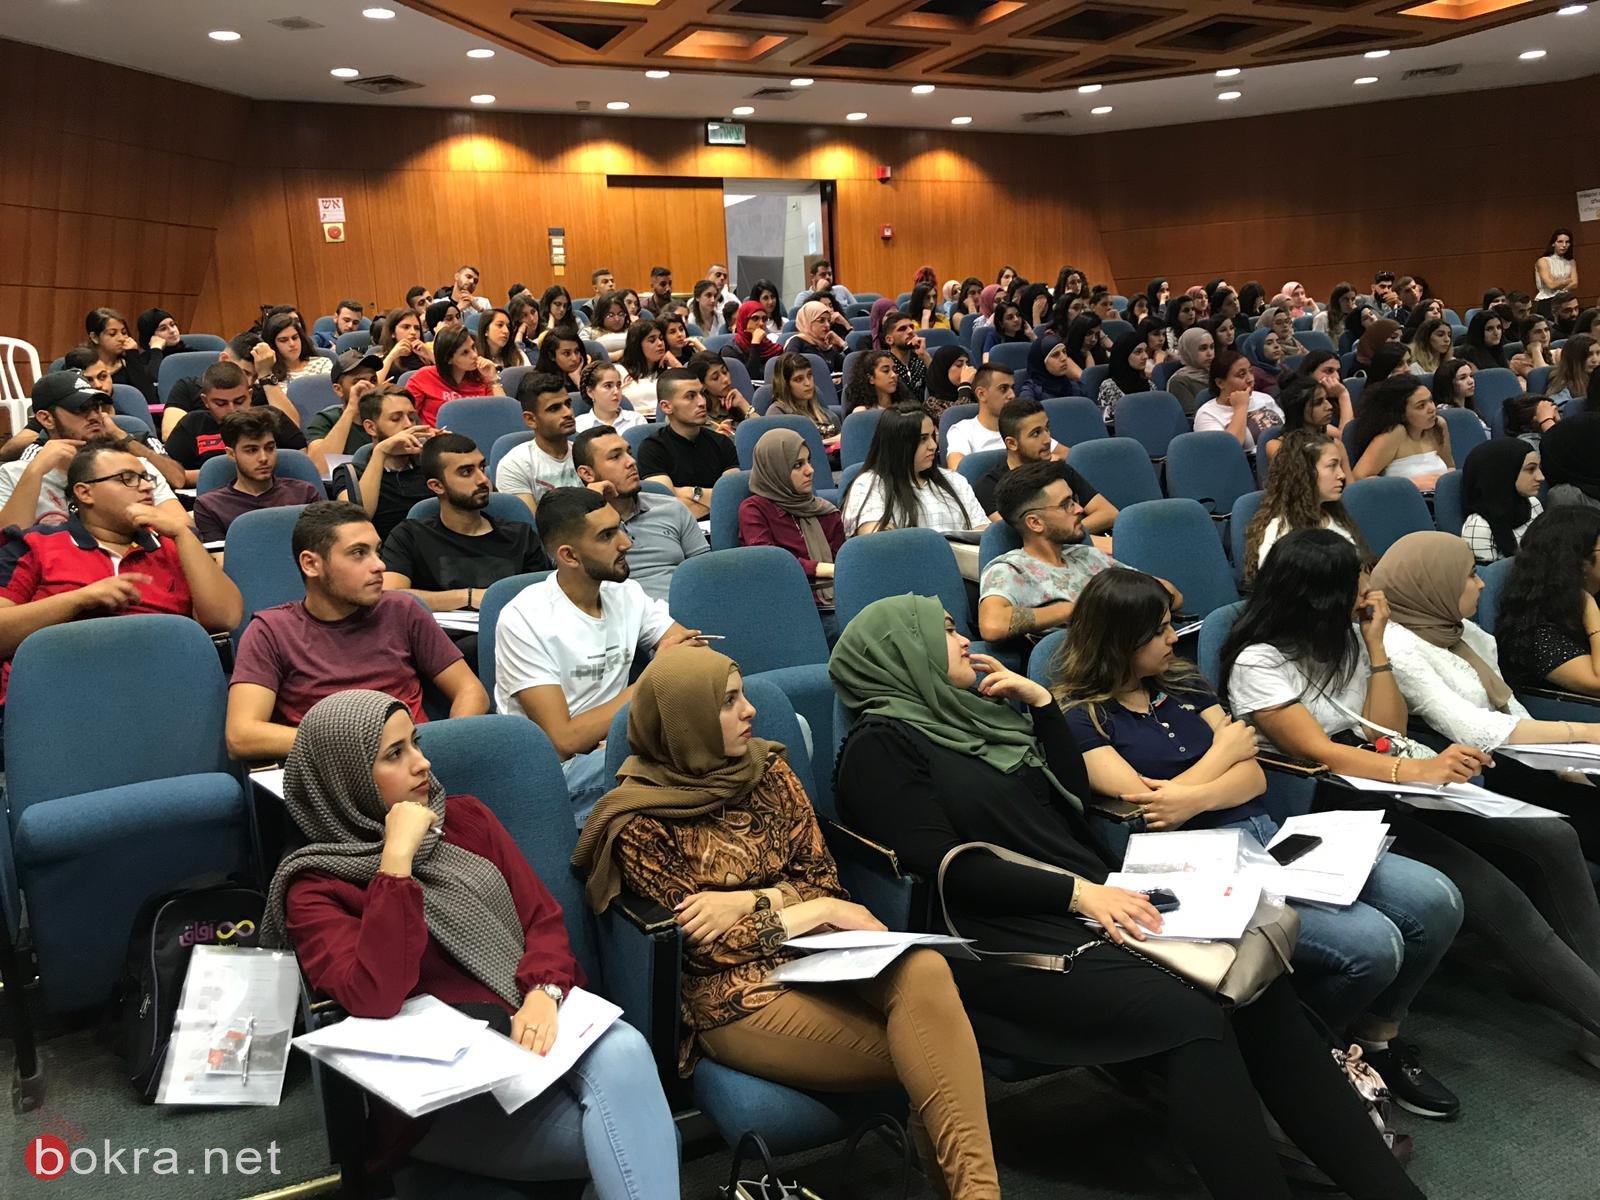 إنطلاق مشروع خطوة ما قبل الجميع للطلبة العرب في جامعة بار ايلان